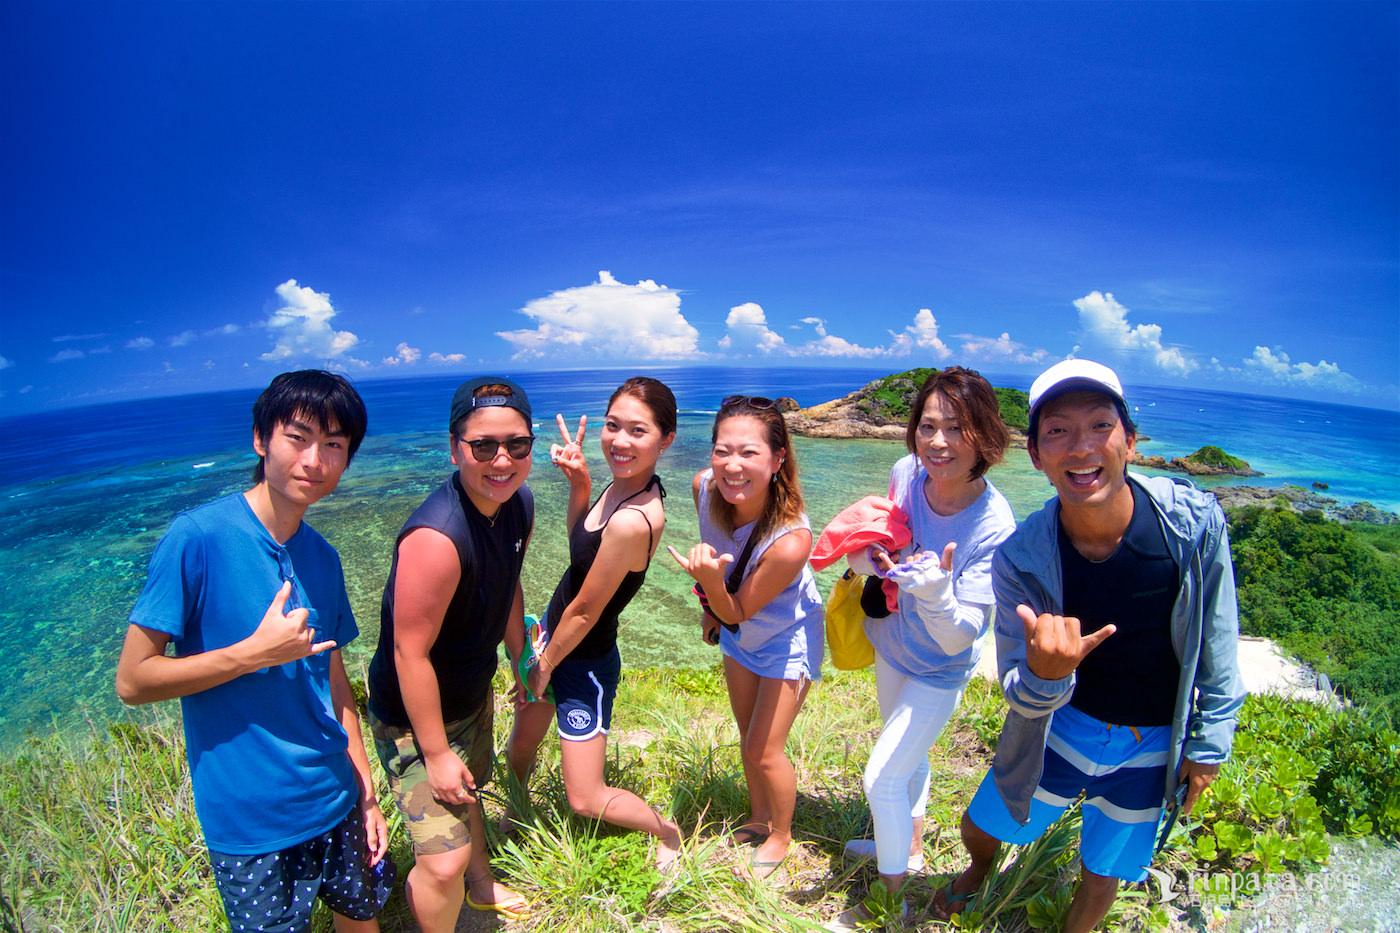 マンタとウミガメ、そして絶景スポットを巡るエコツアーへ!